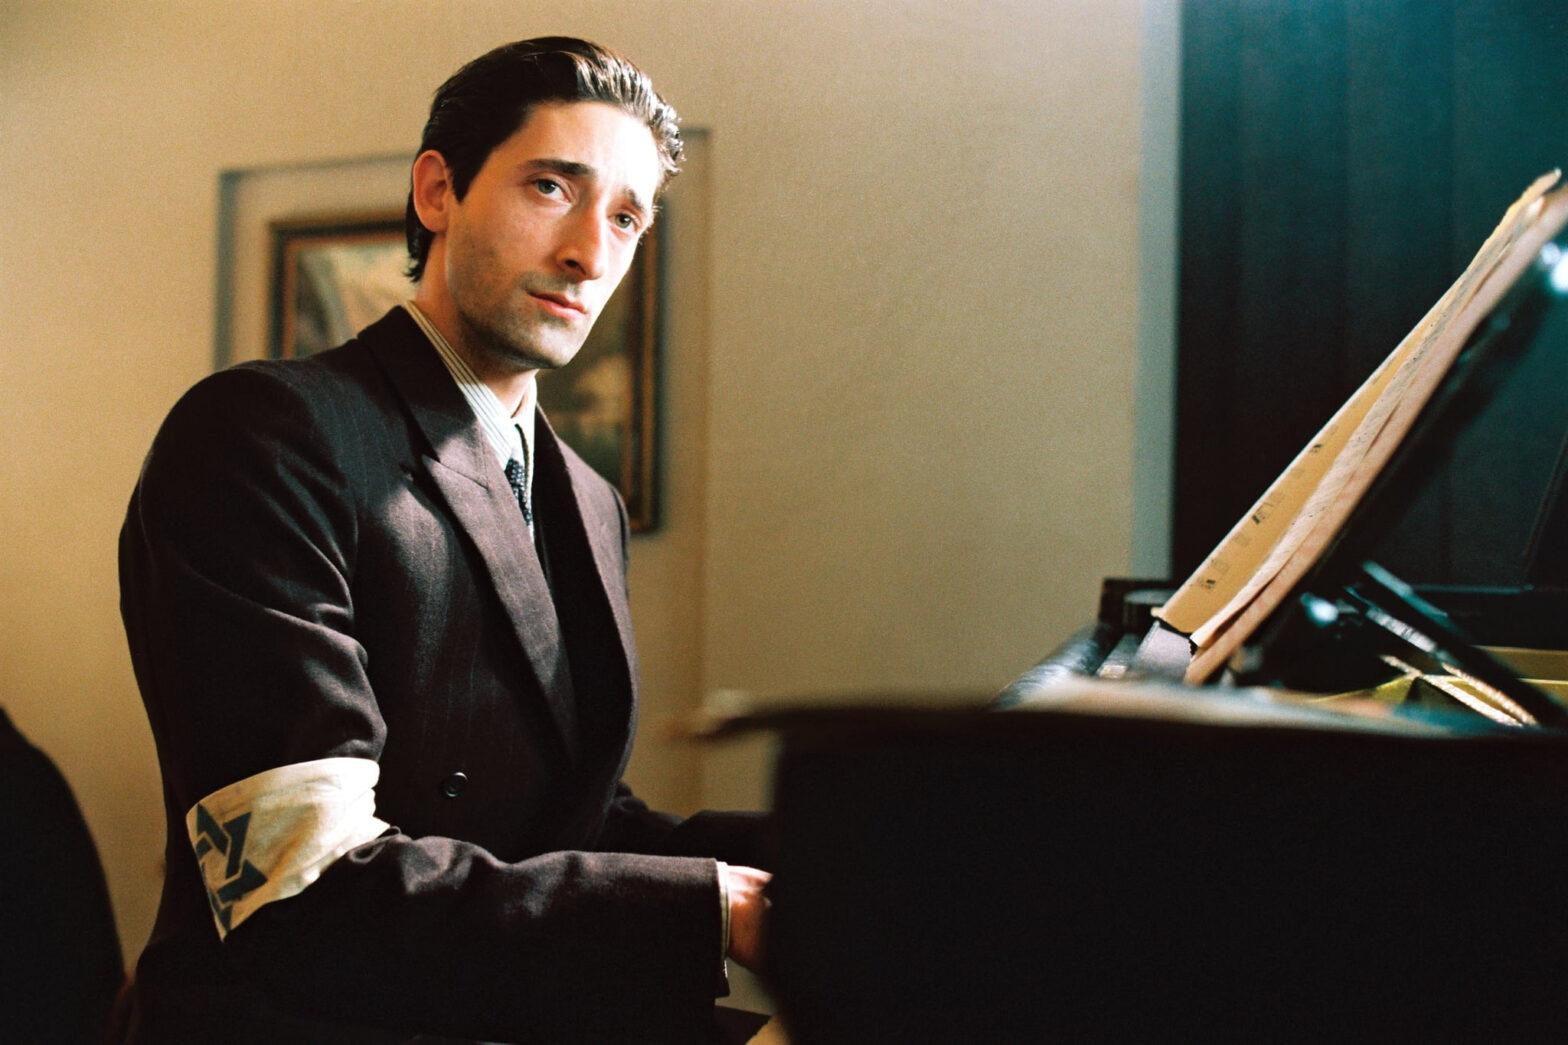 Эдриан Броуди, «Пианист»